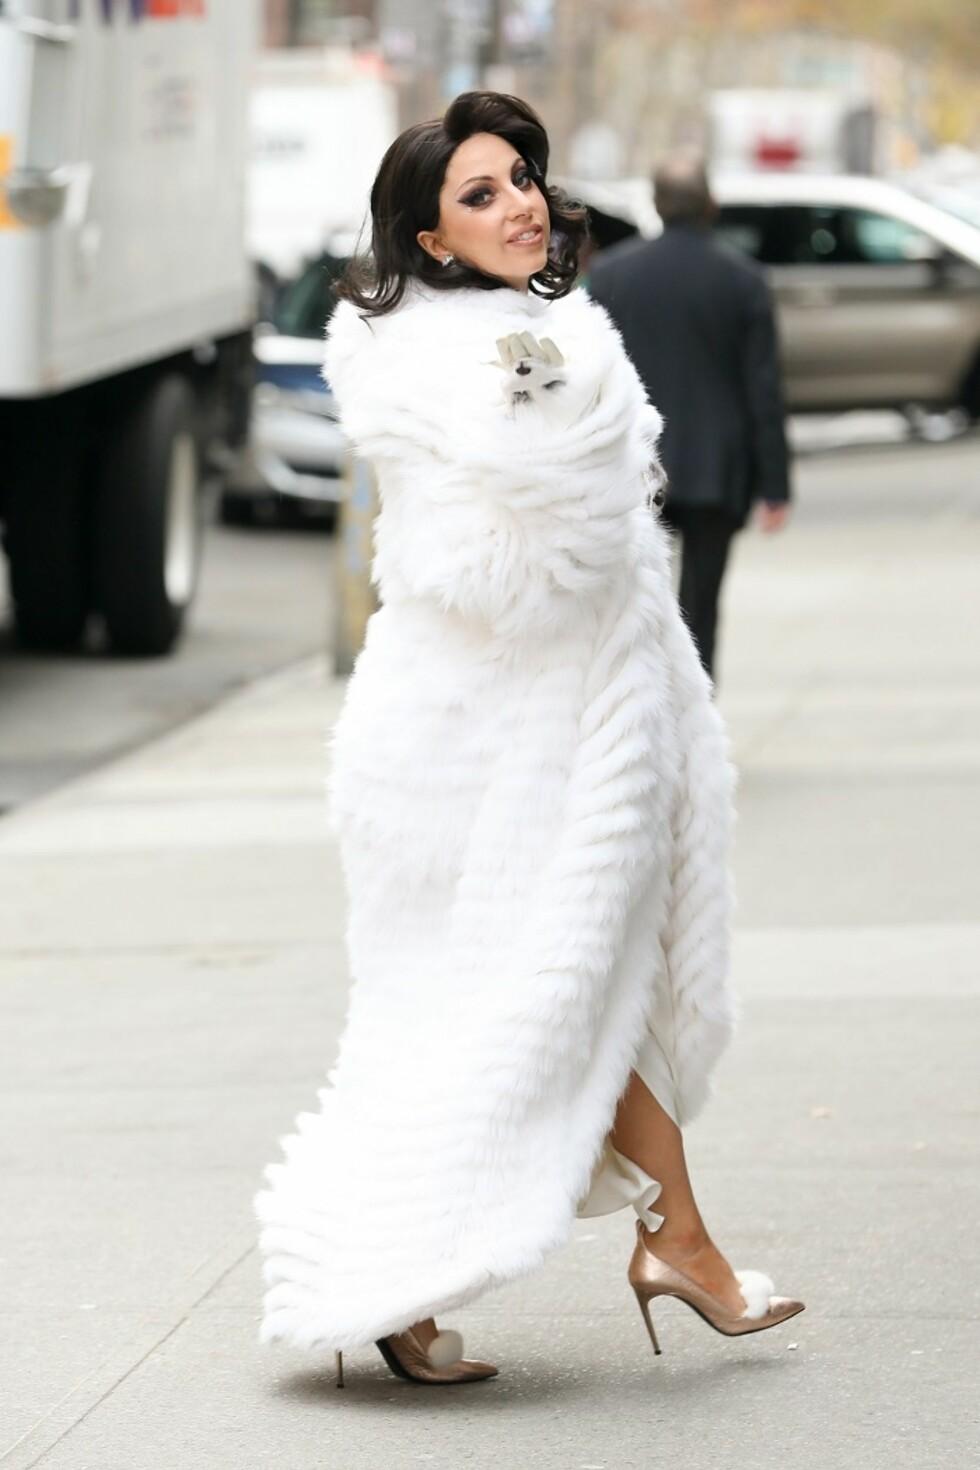 Lady Gaga sendte slengkyss til paparazzien i det hun er på vei til øving med sanglegenden Tony Bennett i New York. Foto: All Over